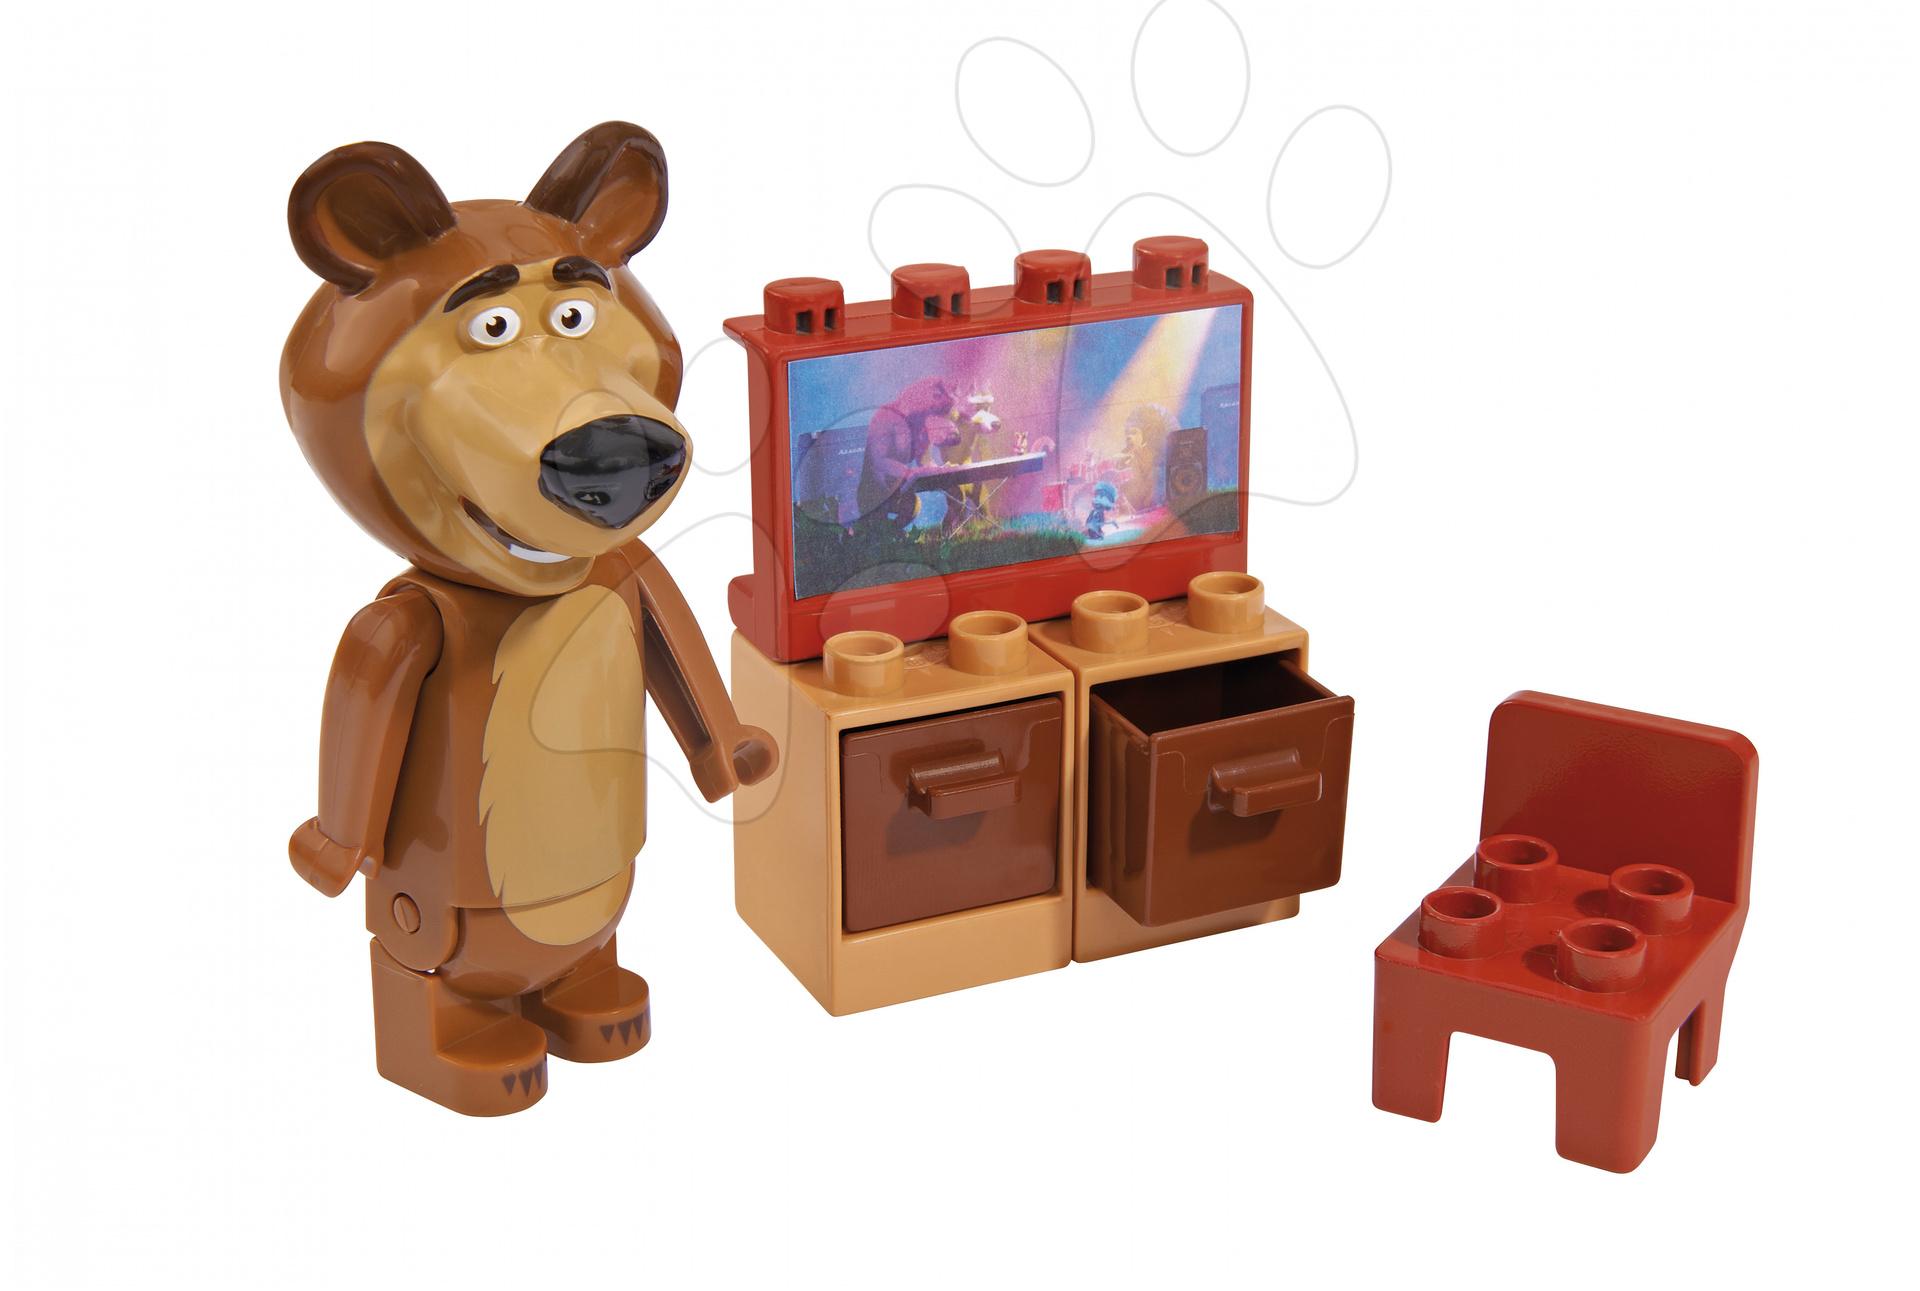 Stavebnice BIG-Bloxx ako lego - Stavebnica Miša v obývačke s TV PlayBIG Bloxx BIG 7-11 dielov od 1,5-5 rokov